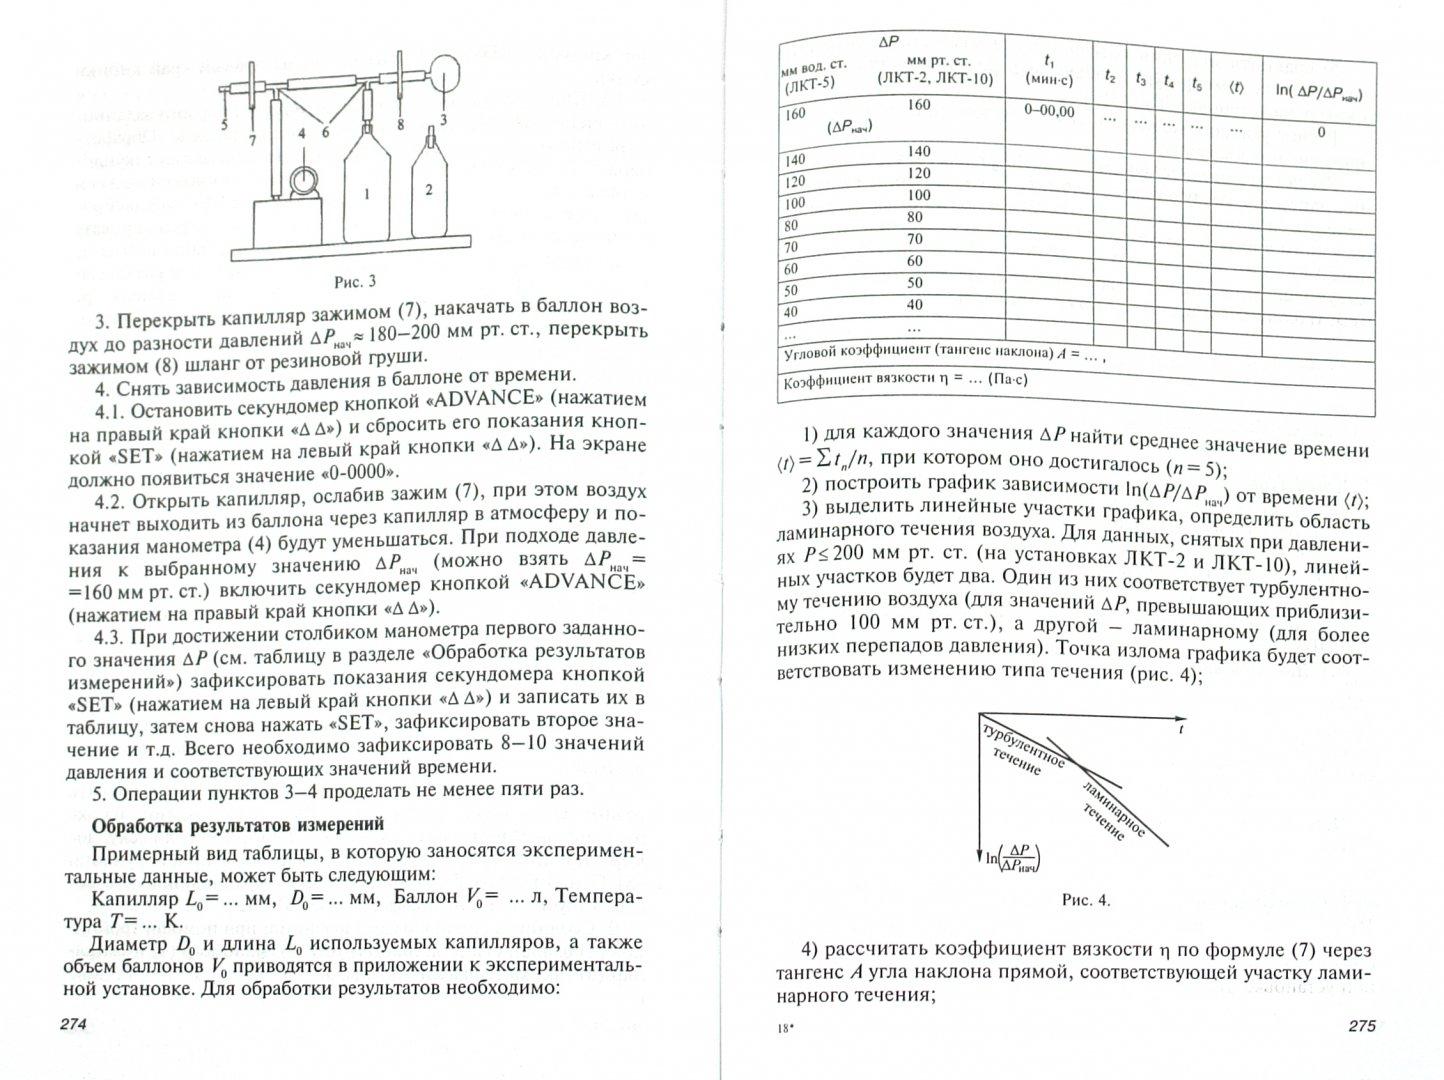 Иллюстрация 1 из 16 для Общая физика: руководство по лабораторному практикуму - Крынецкий, Струков | Лабиринт - книги. Источник: Лабиринт